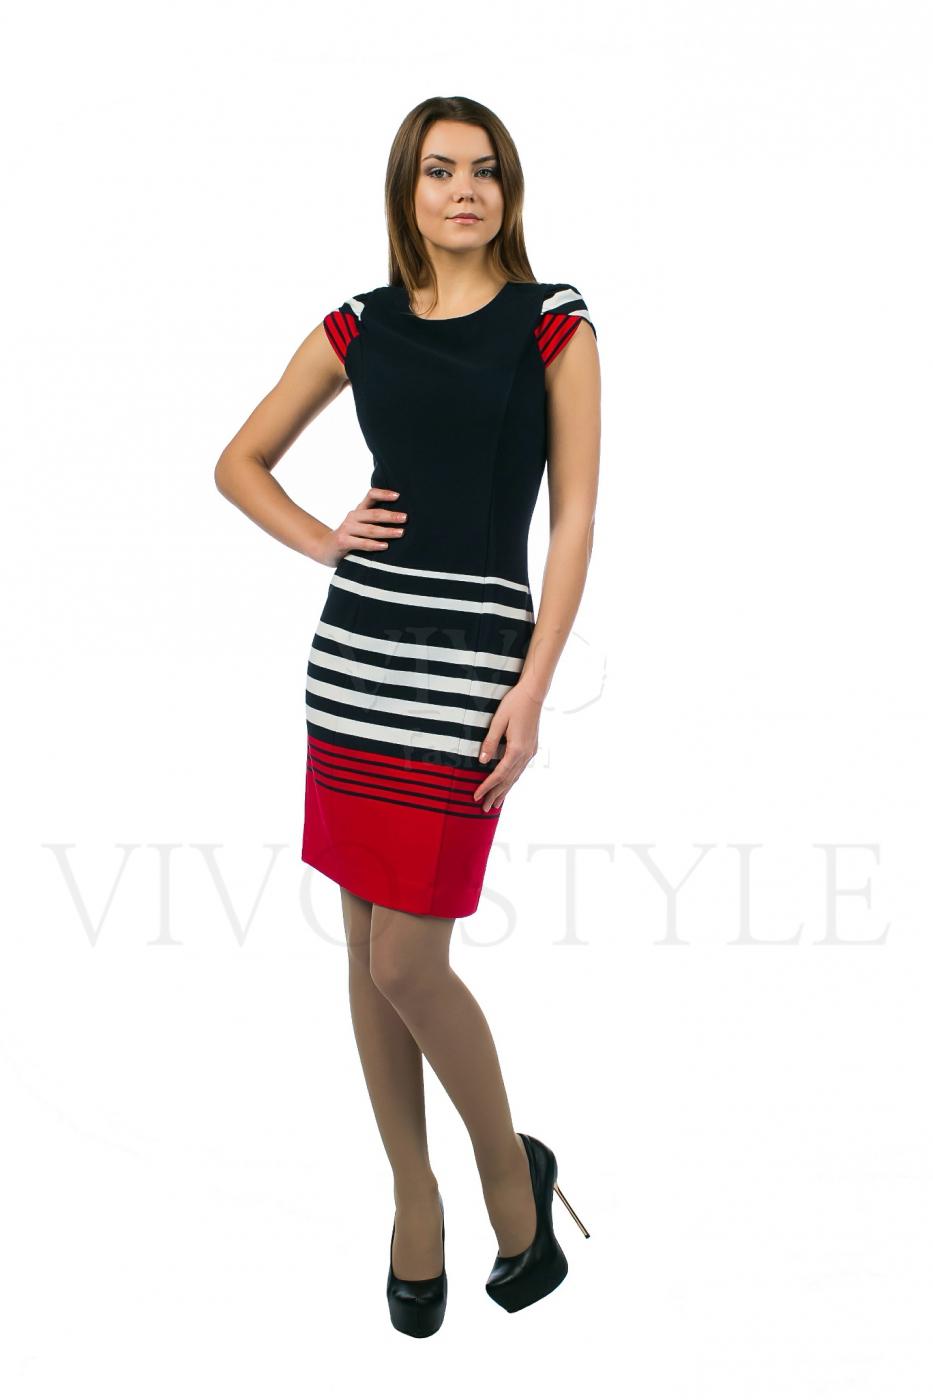 Трехцветное платье с коротким рукавом